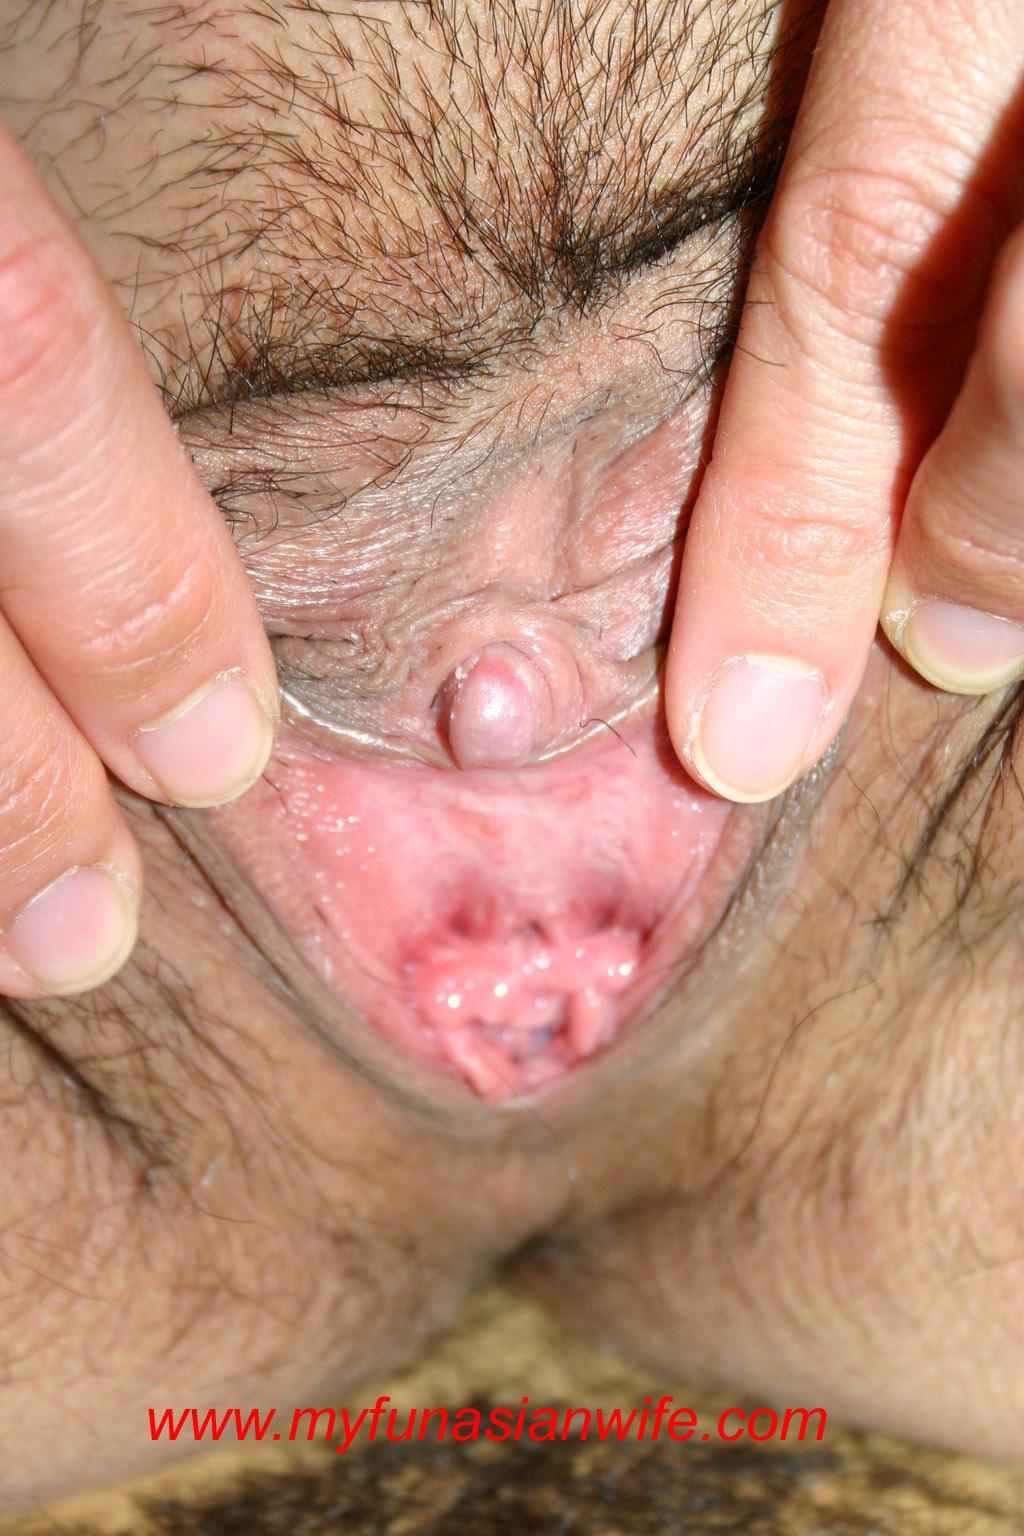 Смотреть онлайн женские оргазмы крупным планом 24 фотография